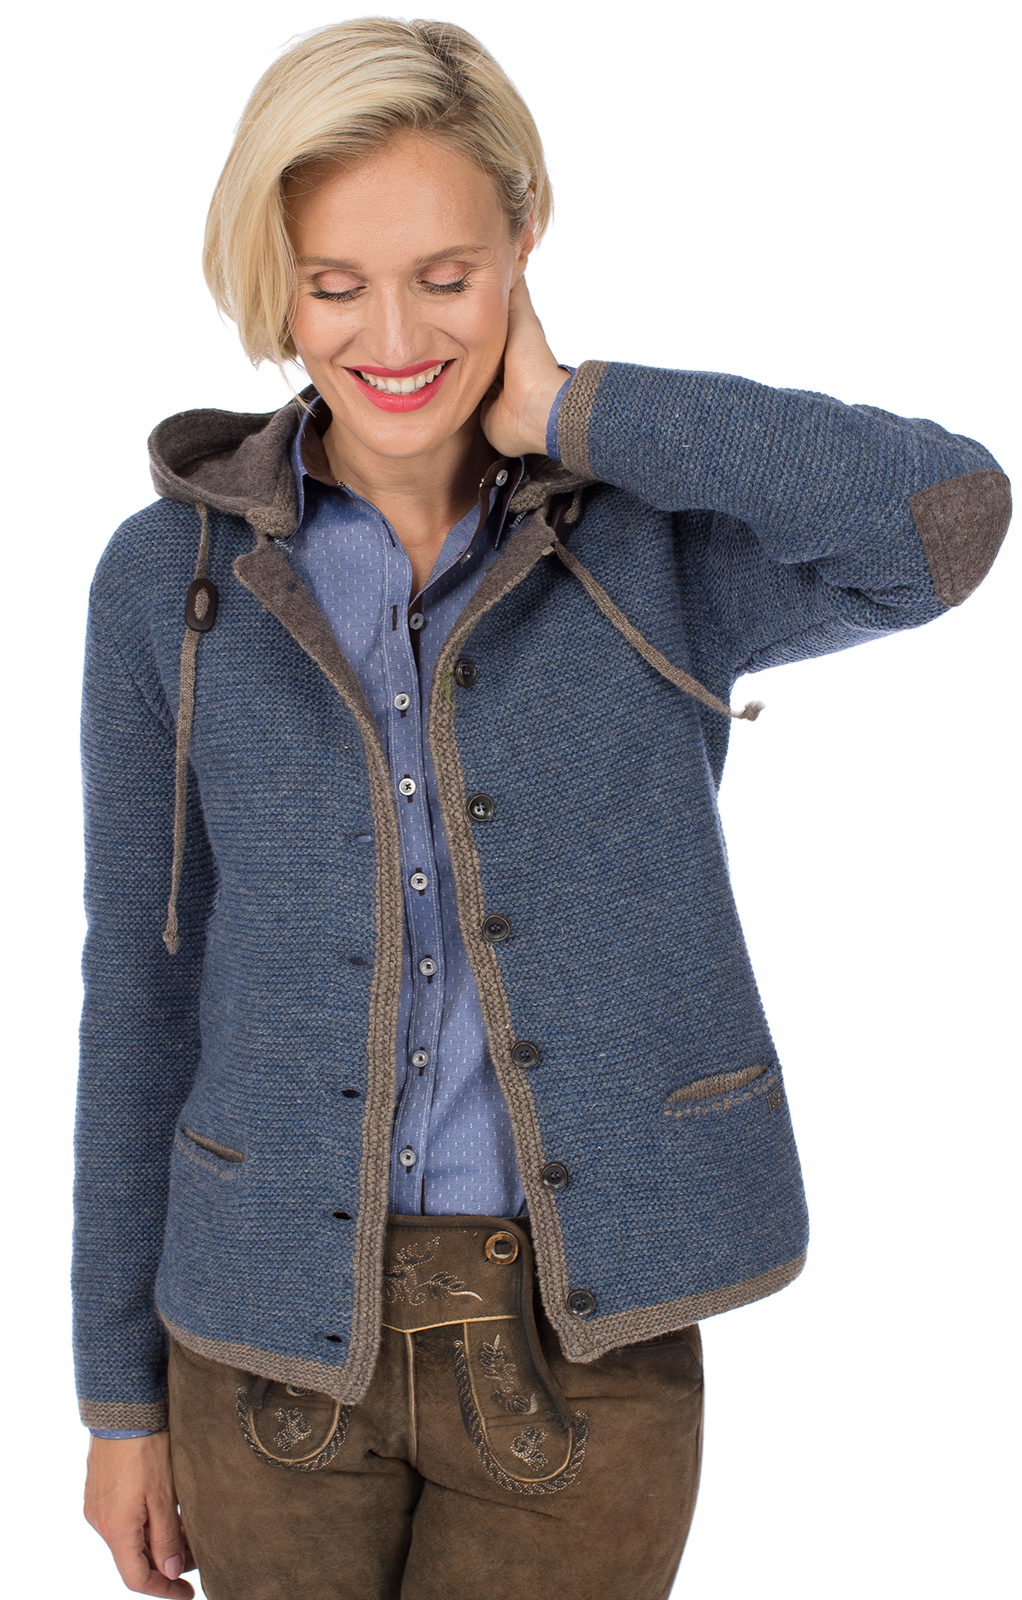 Trachtenstrickjacke HALLSTADT Hoodie jeansblau braun von Spieth Wensky